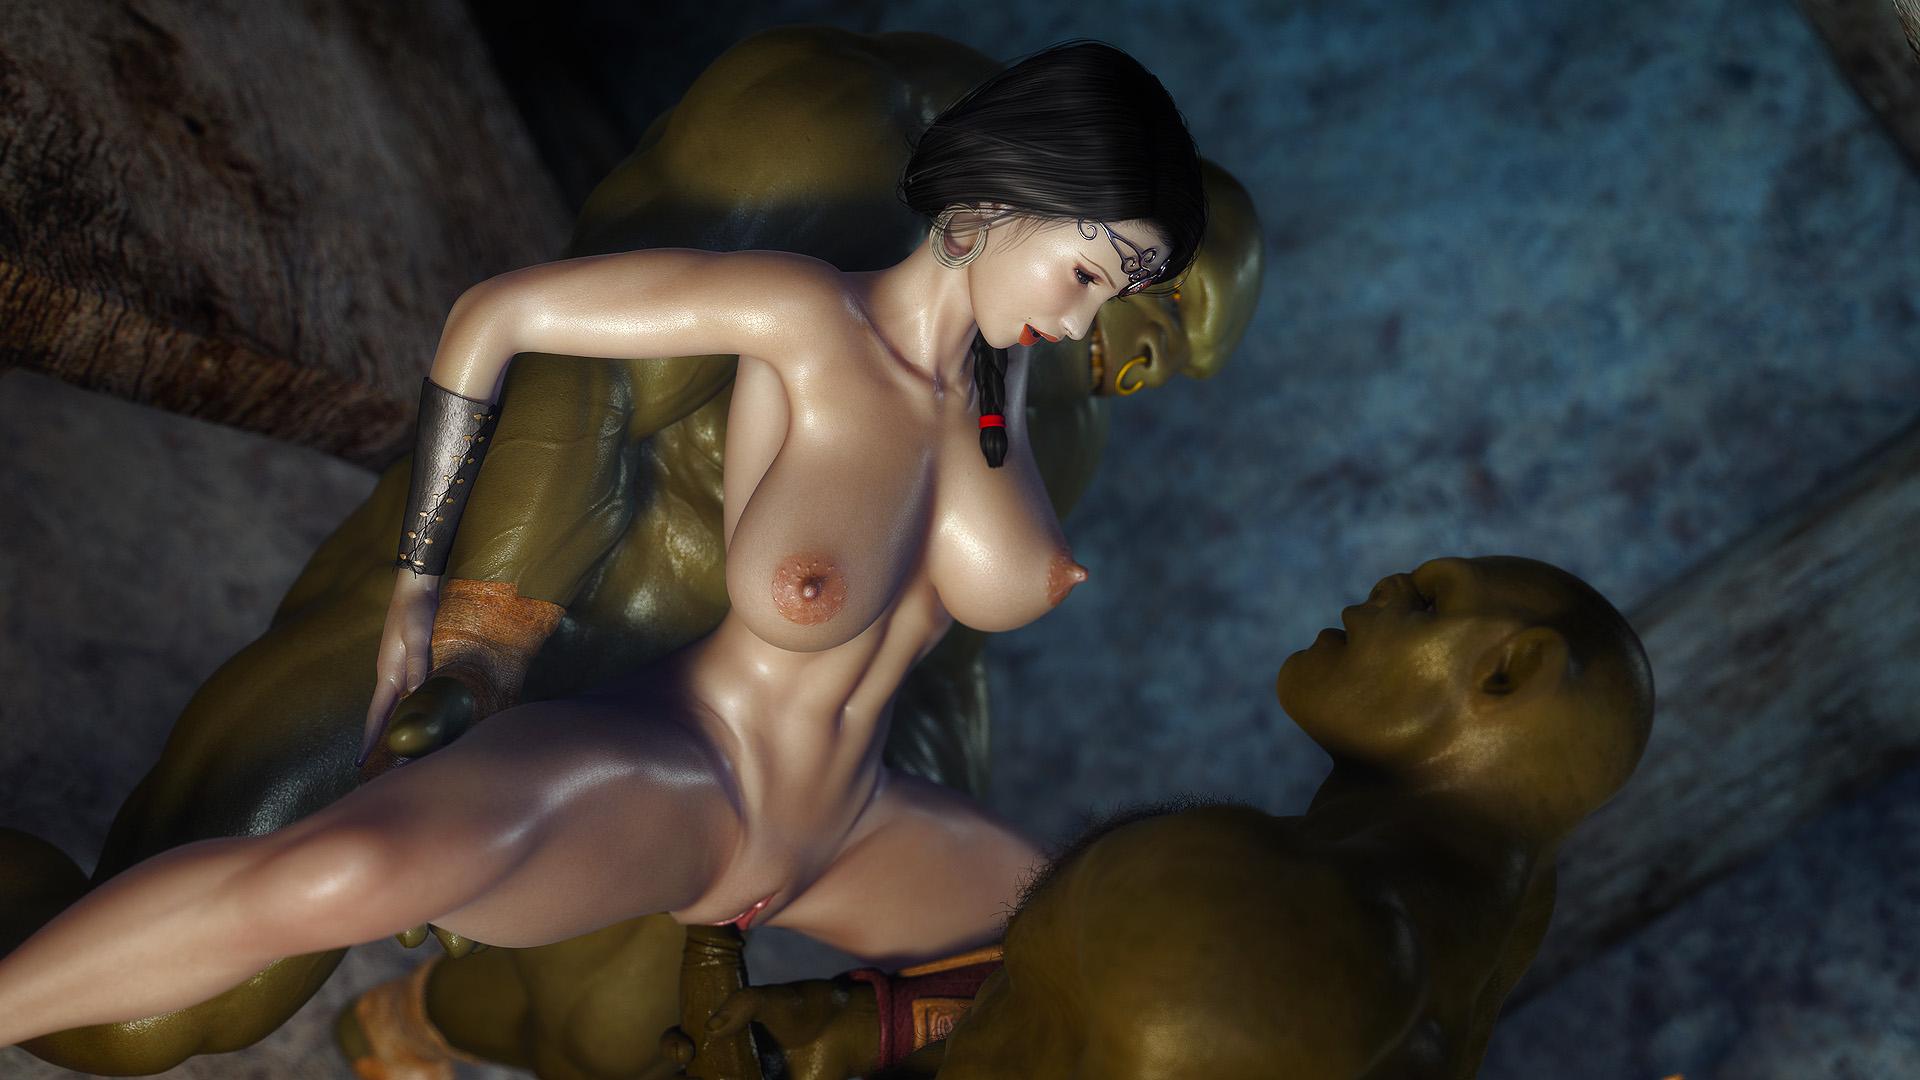 В секс hd аватар порно качестве